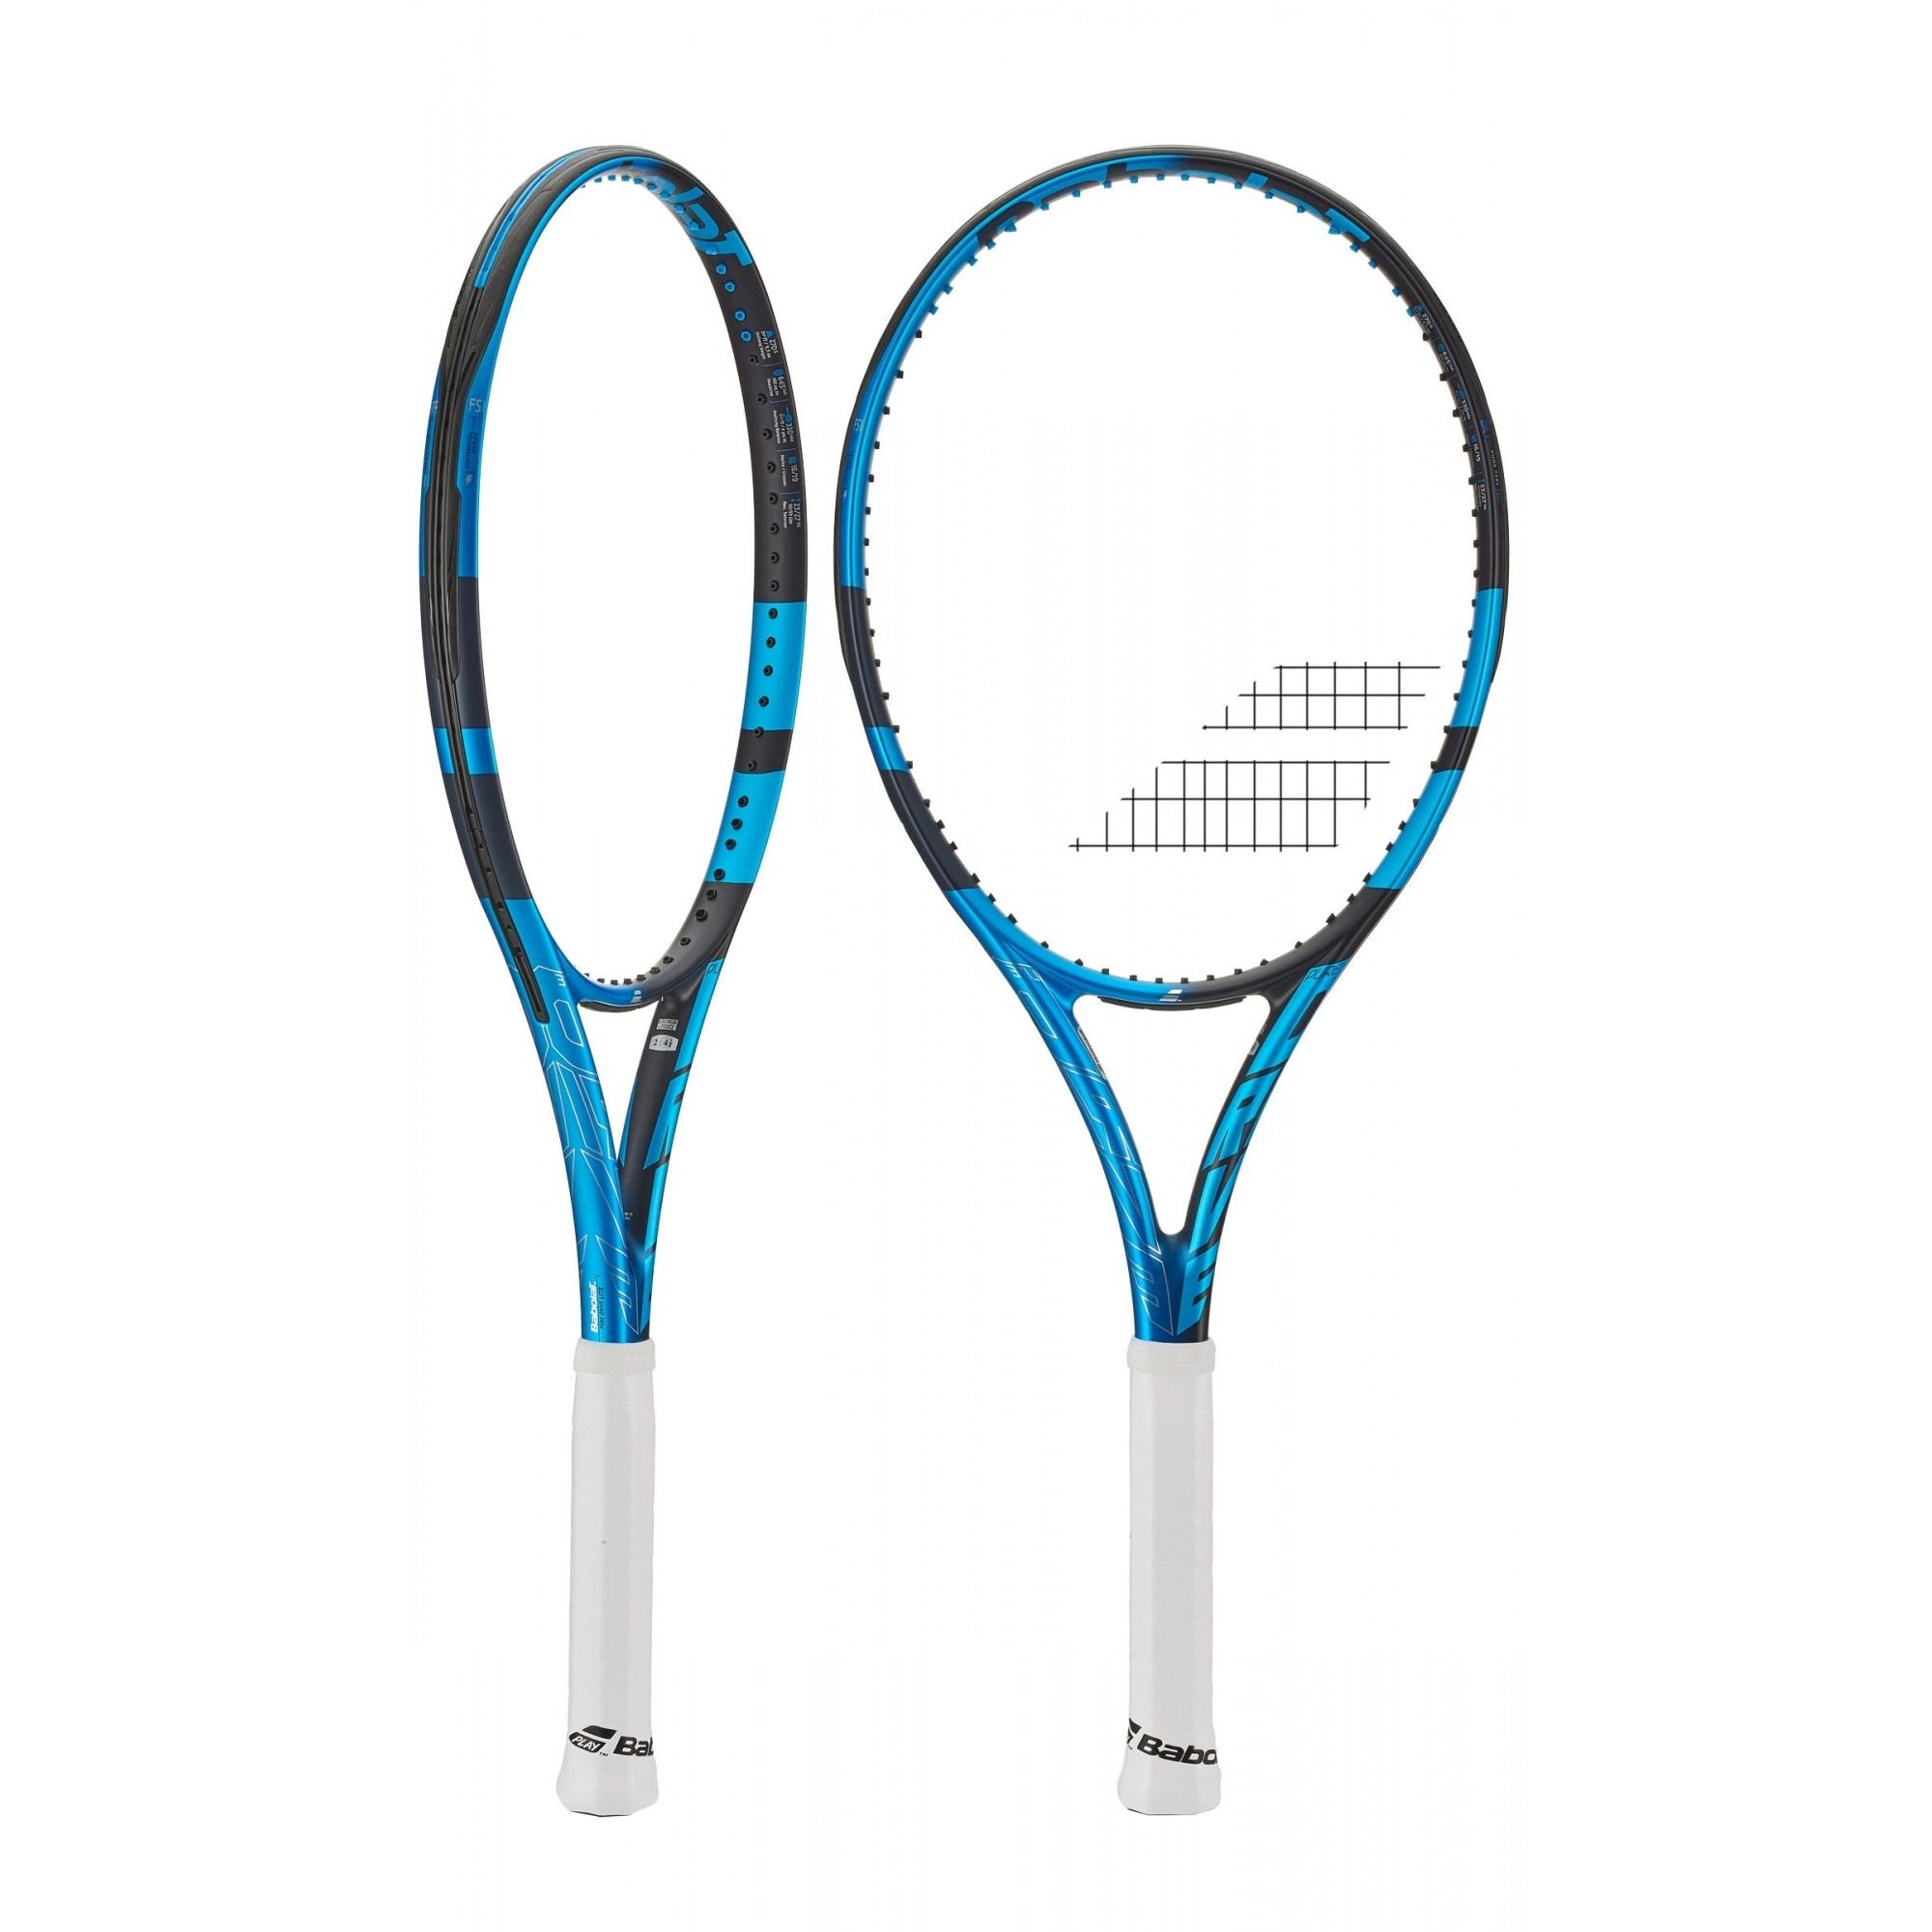 Raquete de Tênis Babolat Pure Drive Lite 2021